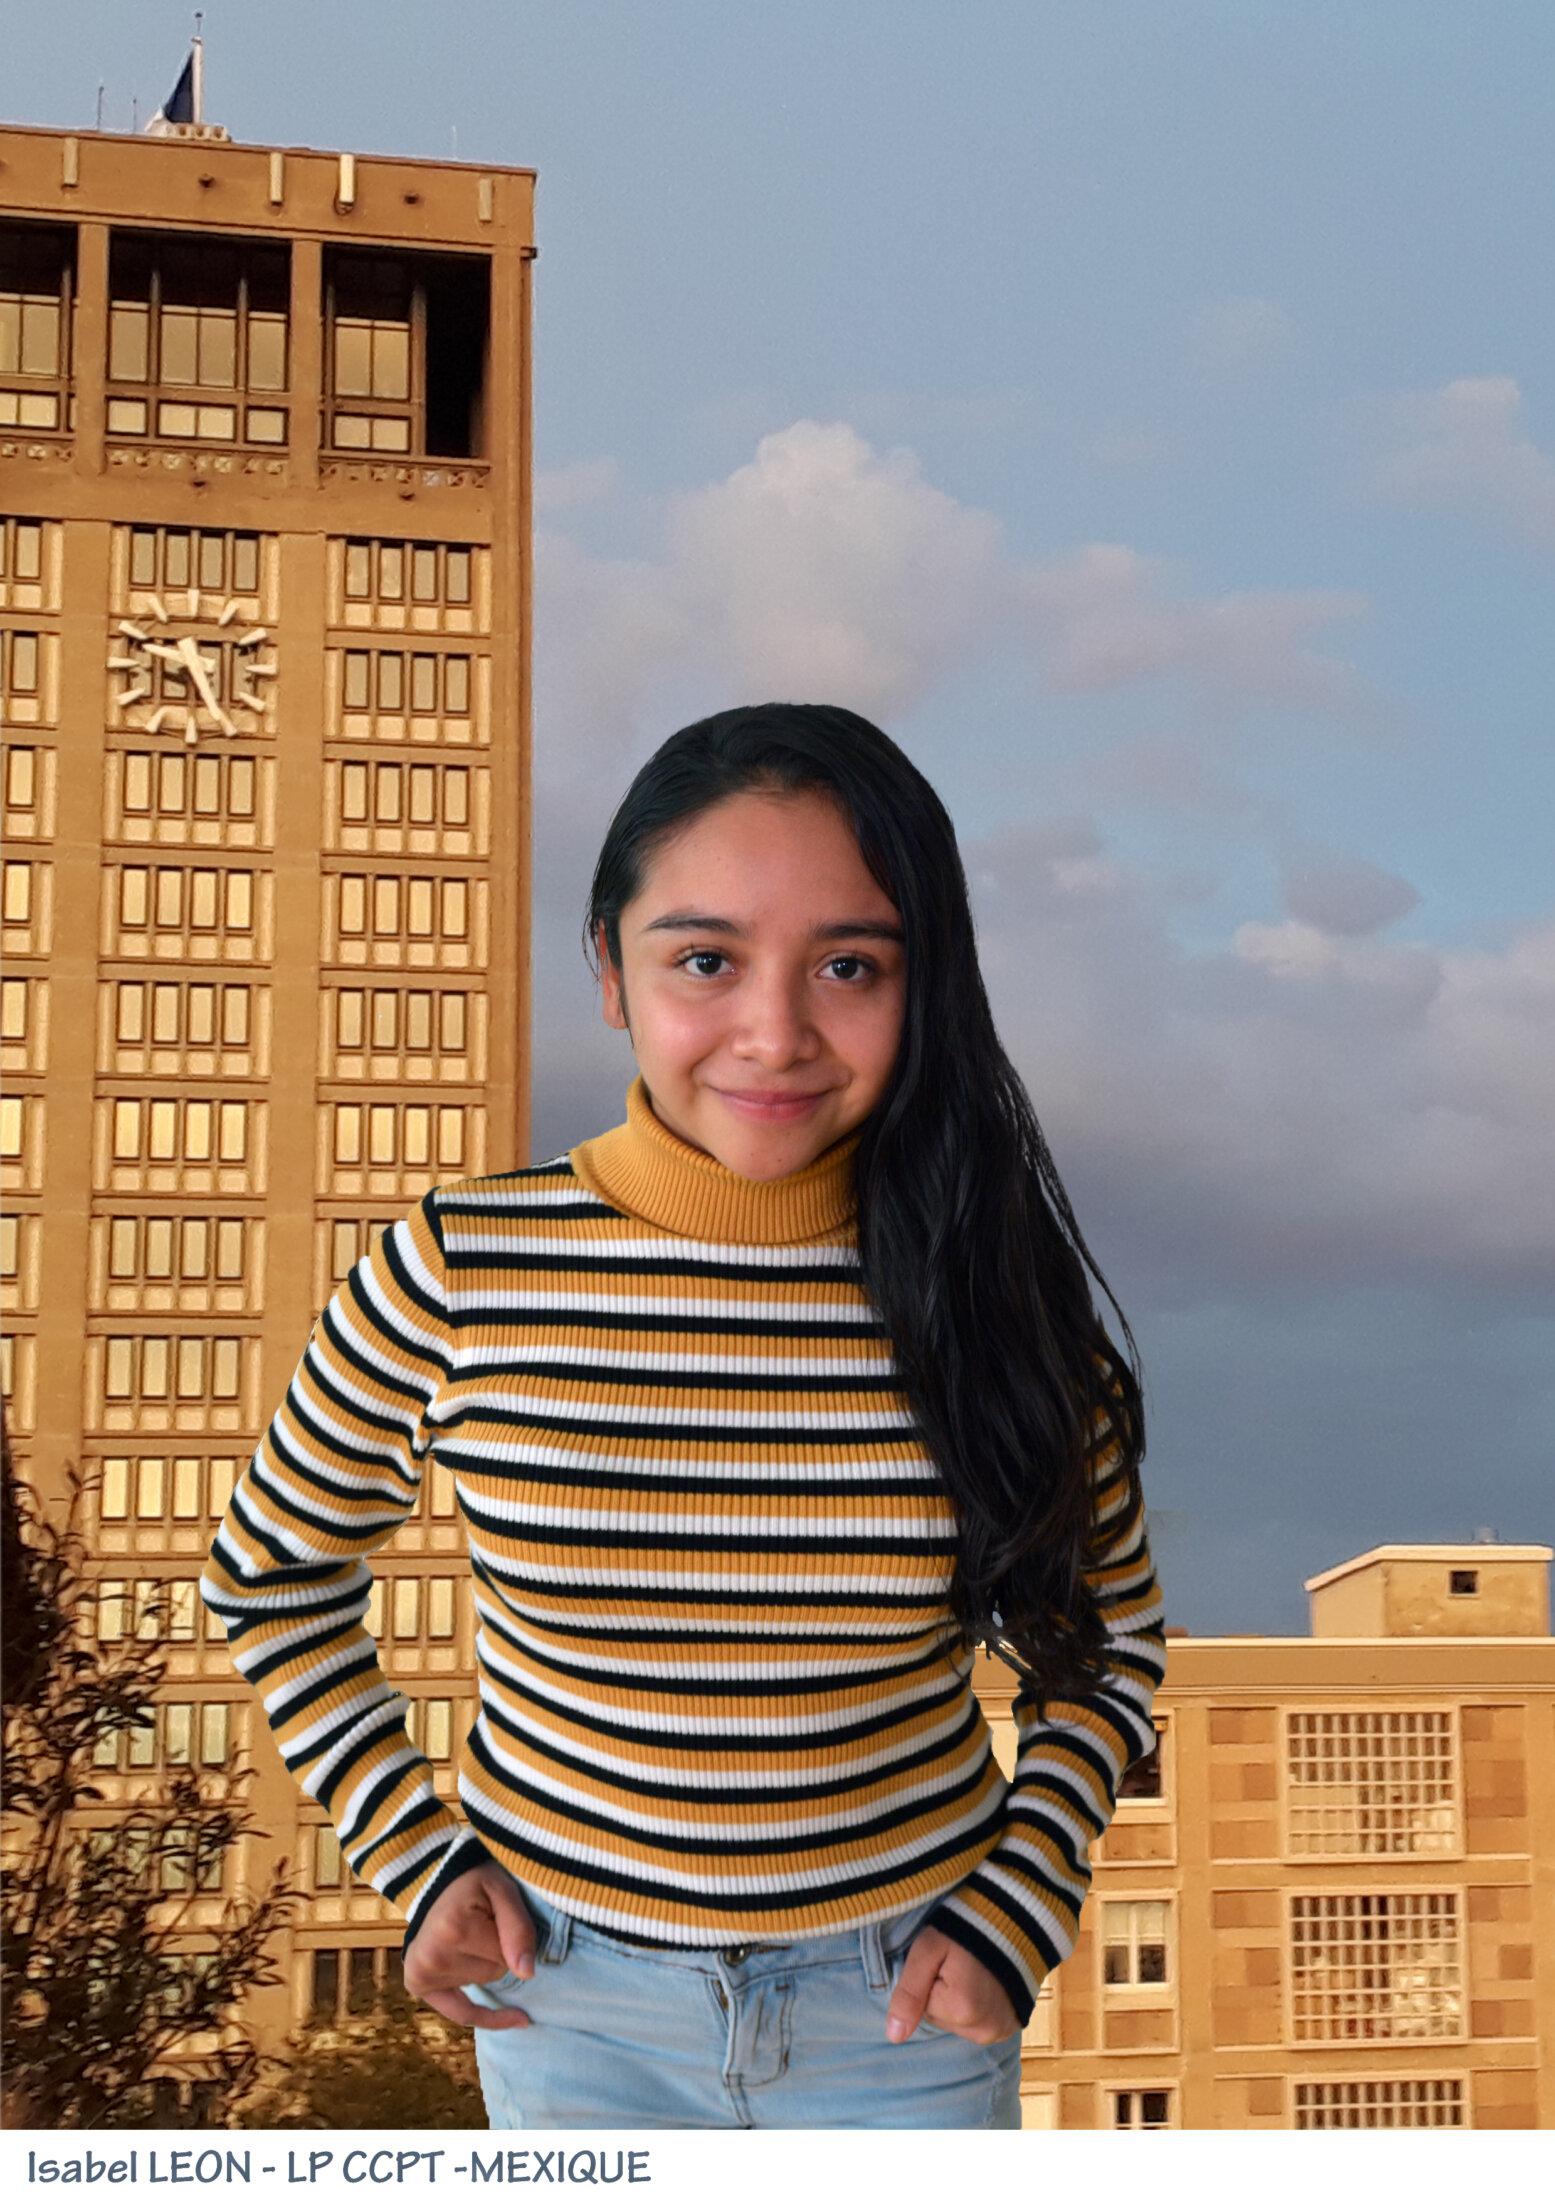 Isabel LEON - LP CCPT - MEXIQUE